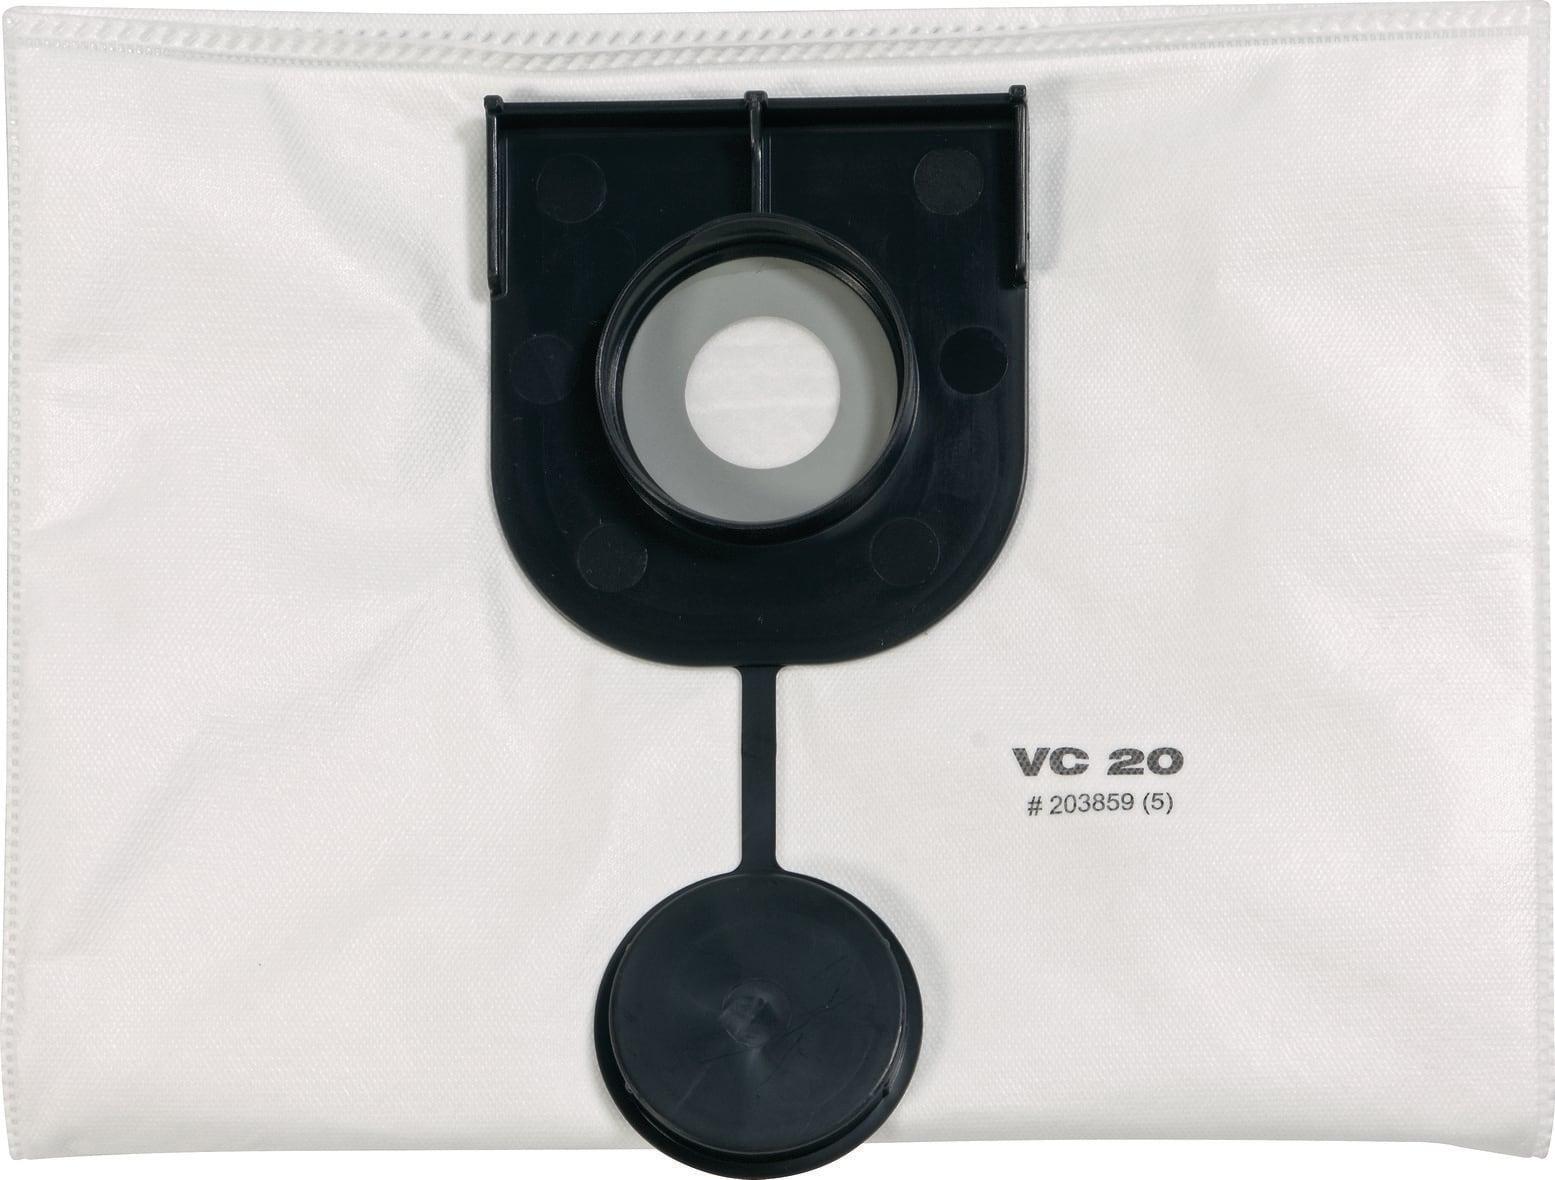 5 sacs pour aspirateur 1 Filtres pour Hilti vc20 et vc40 plat Filtre Plissé VC 20 40